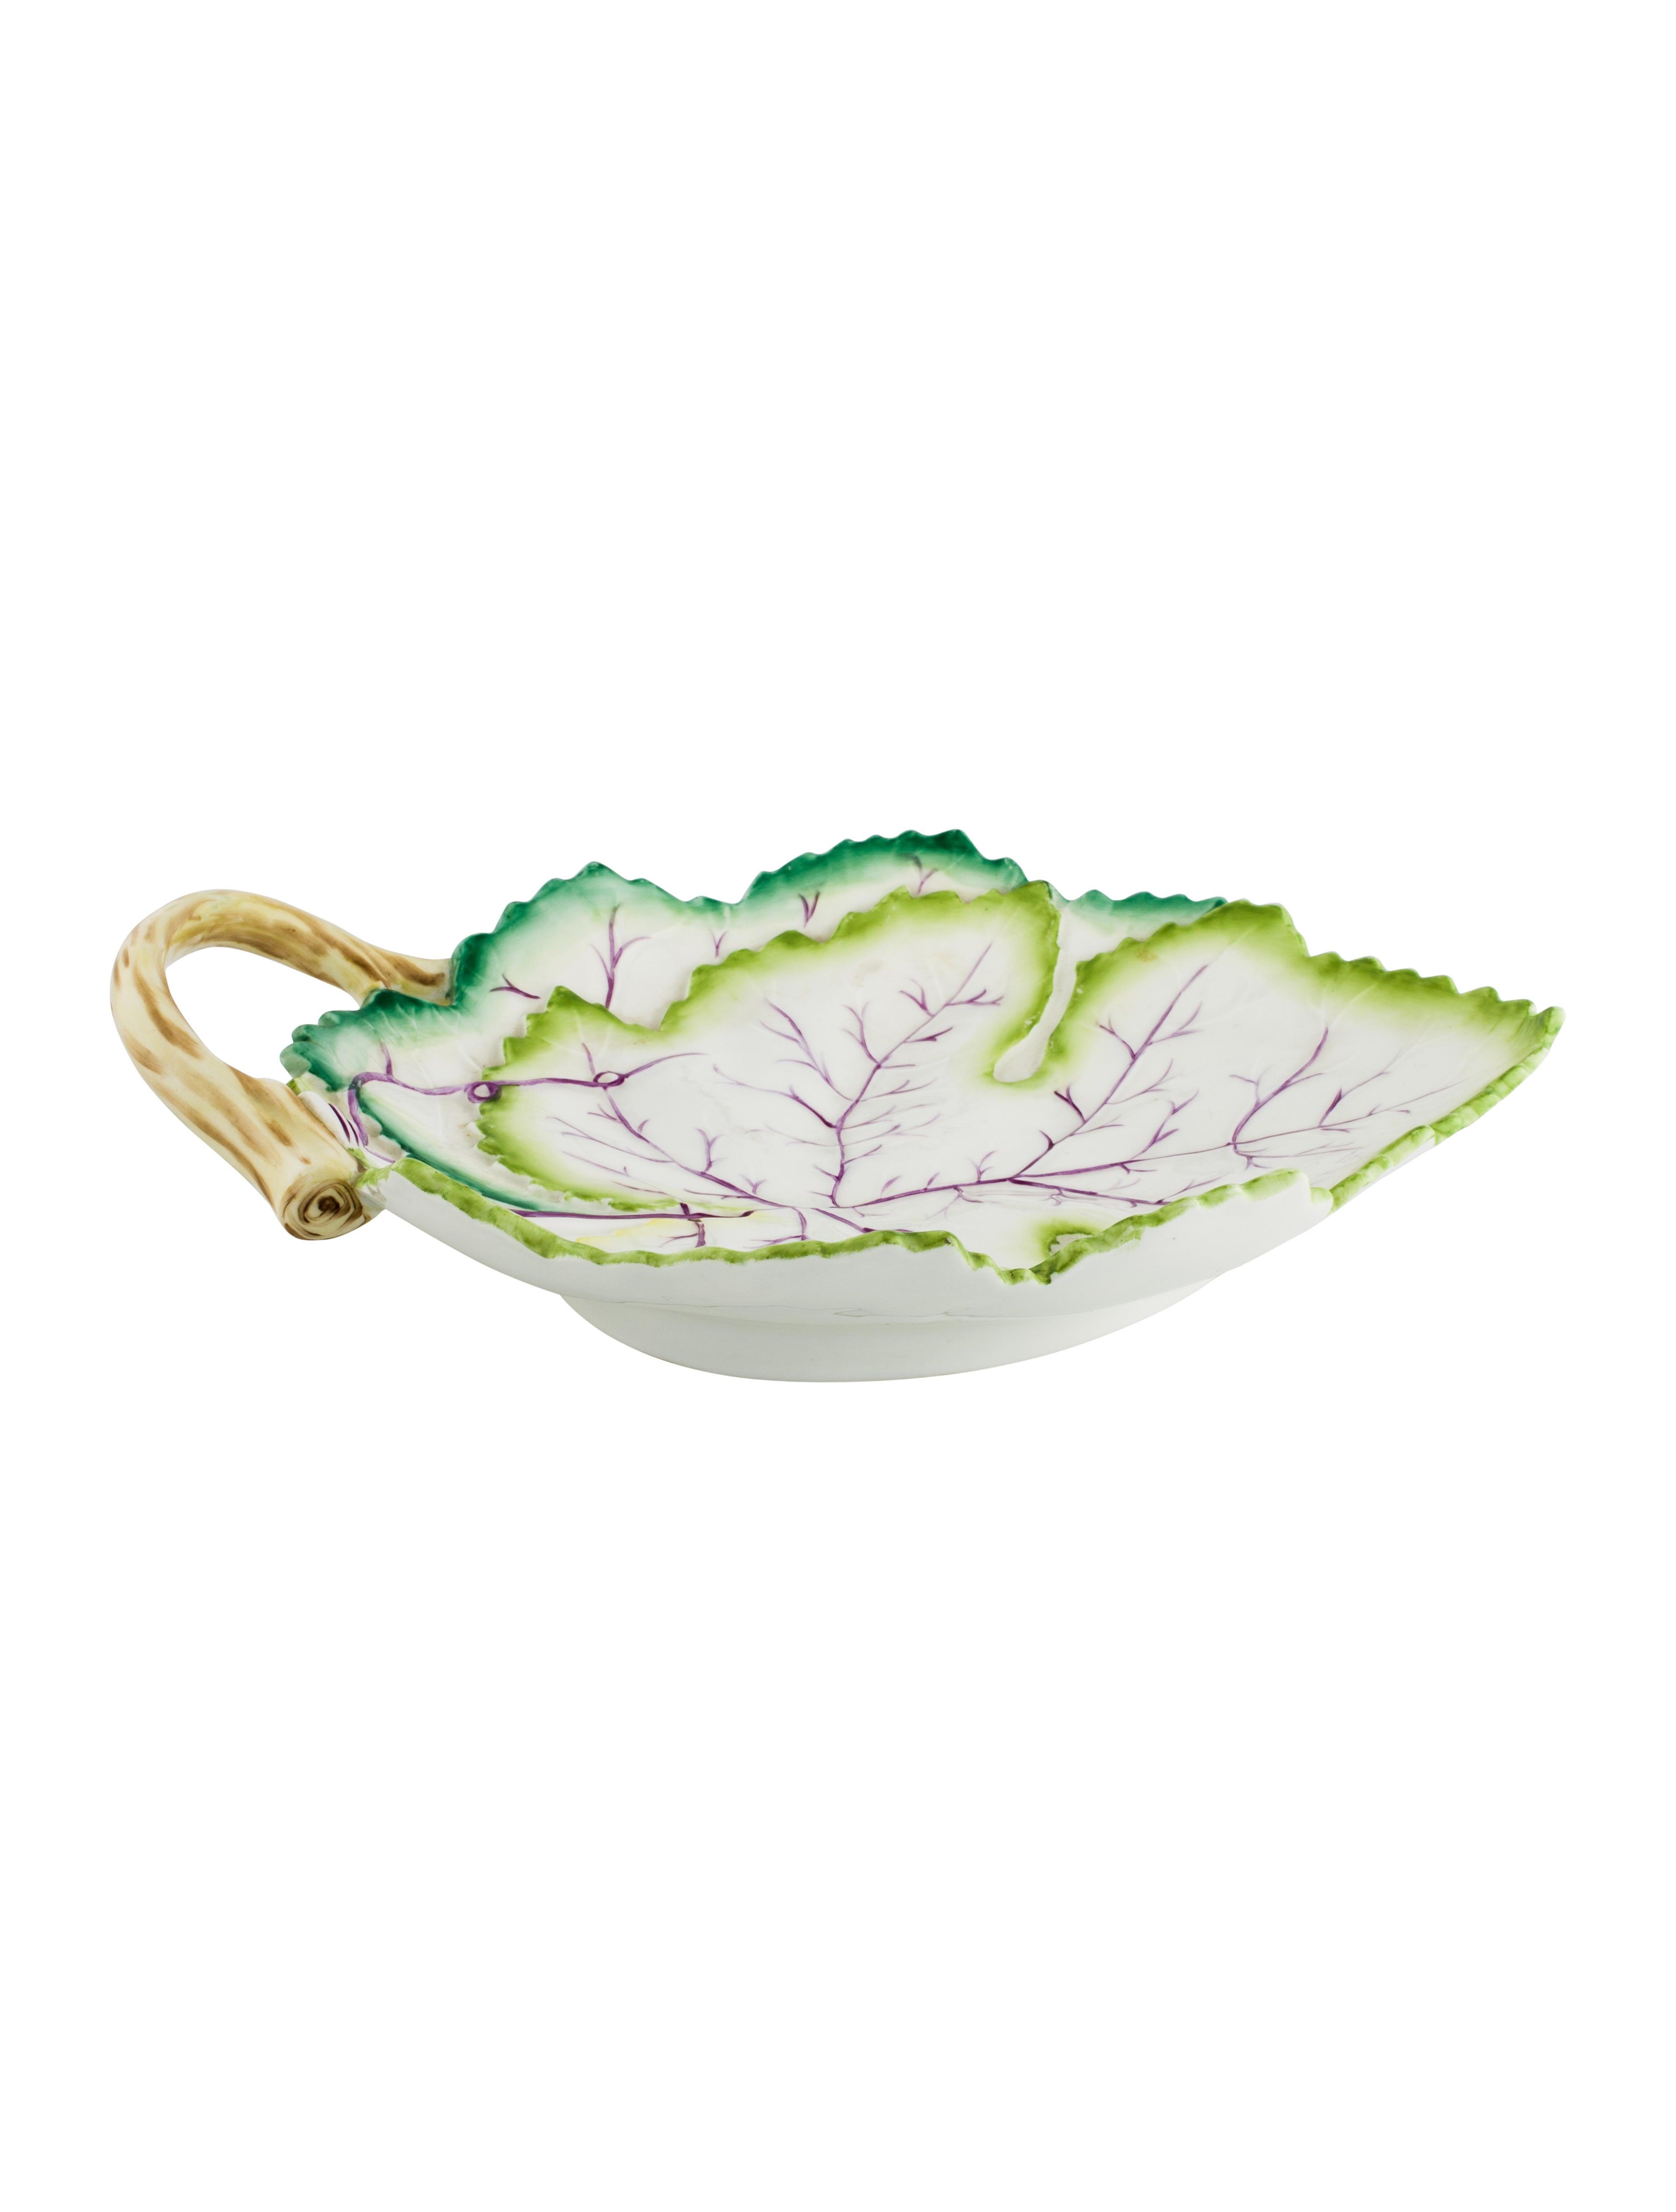 Charming Porcelain Leaf Dish